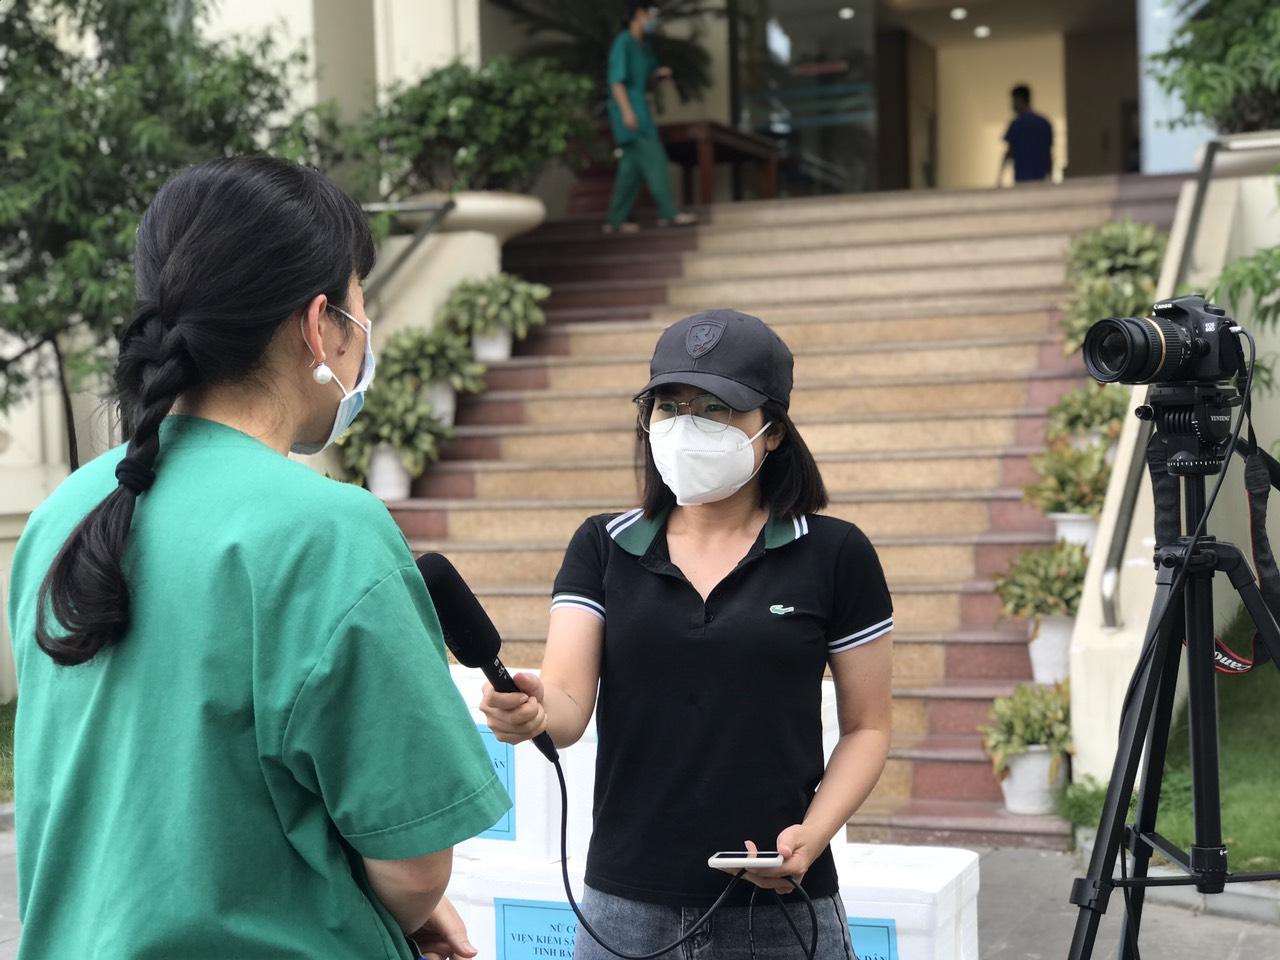 Nhà báo Ngọc Mai đang tác nghiệp